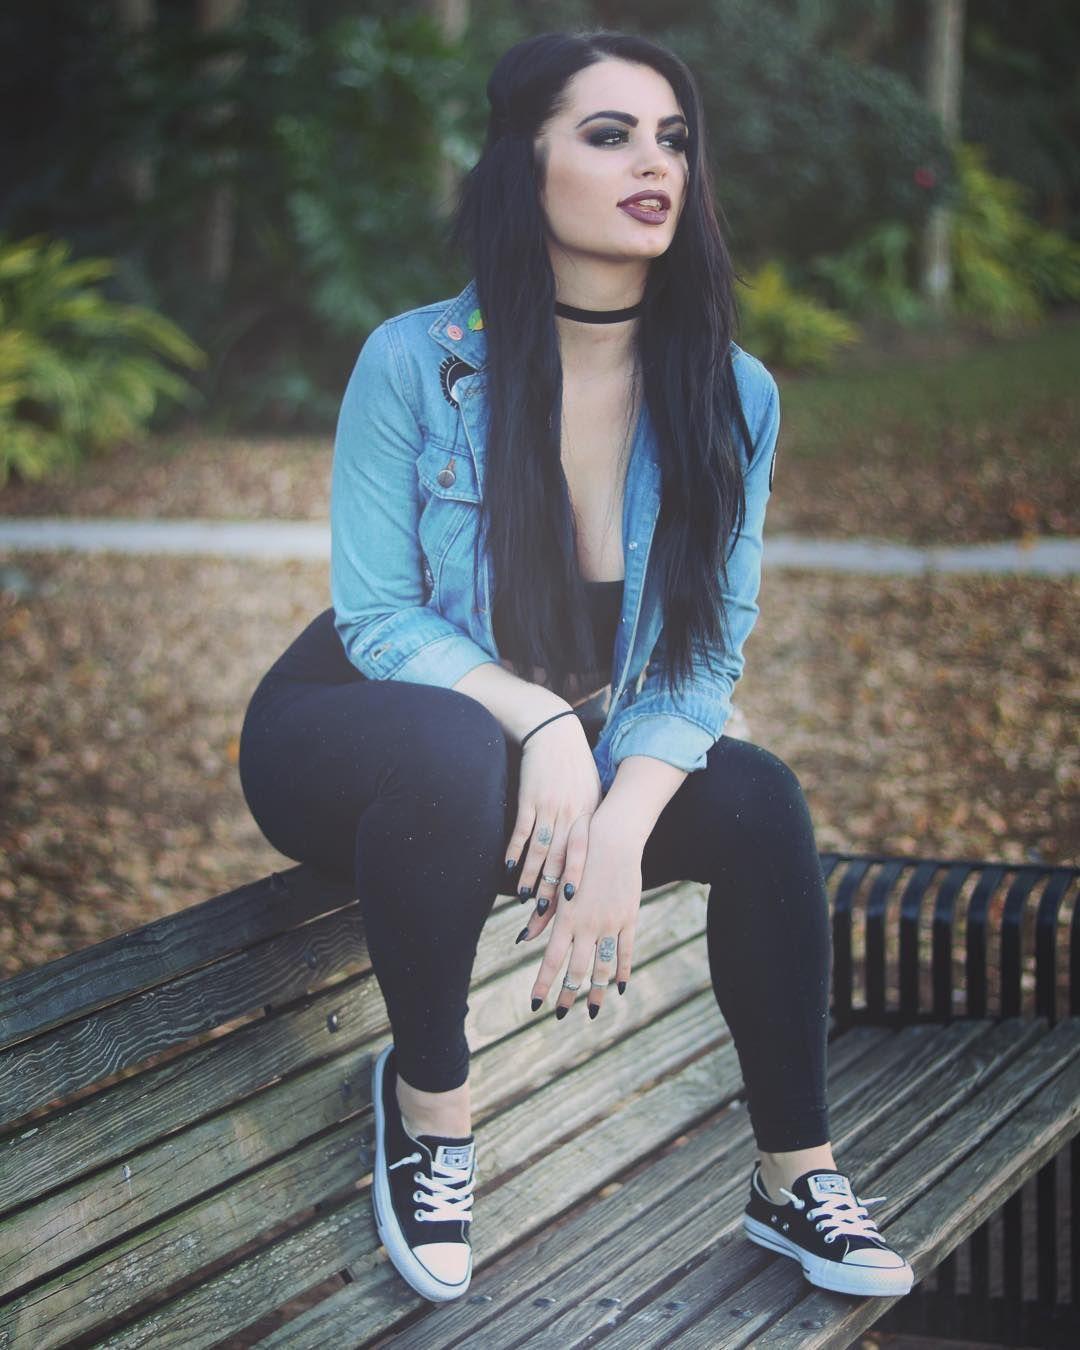 Selfie Saraya-Jade Rodriguez naked (51 foto and video), Pussy, Is a cute, Feet, panties 2020